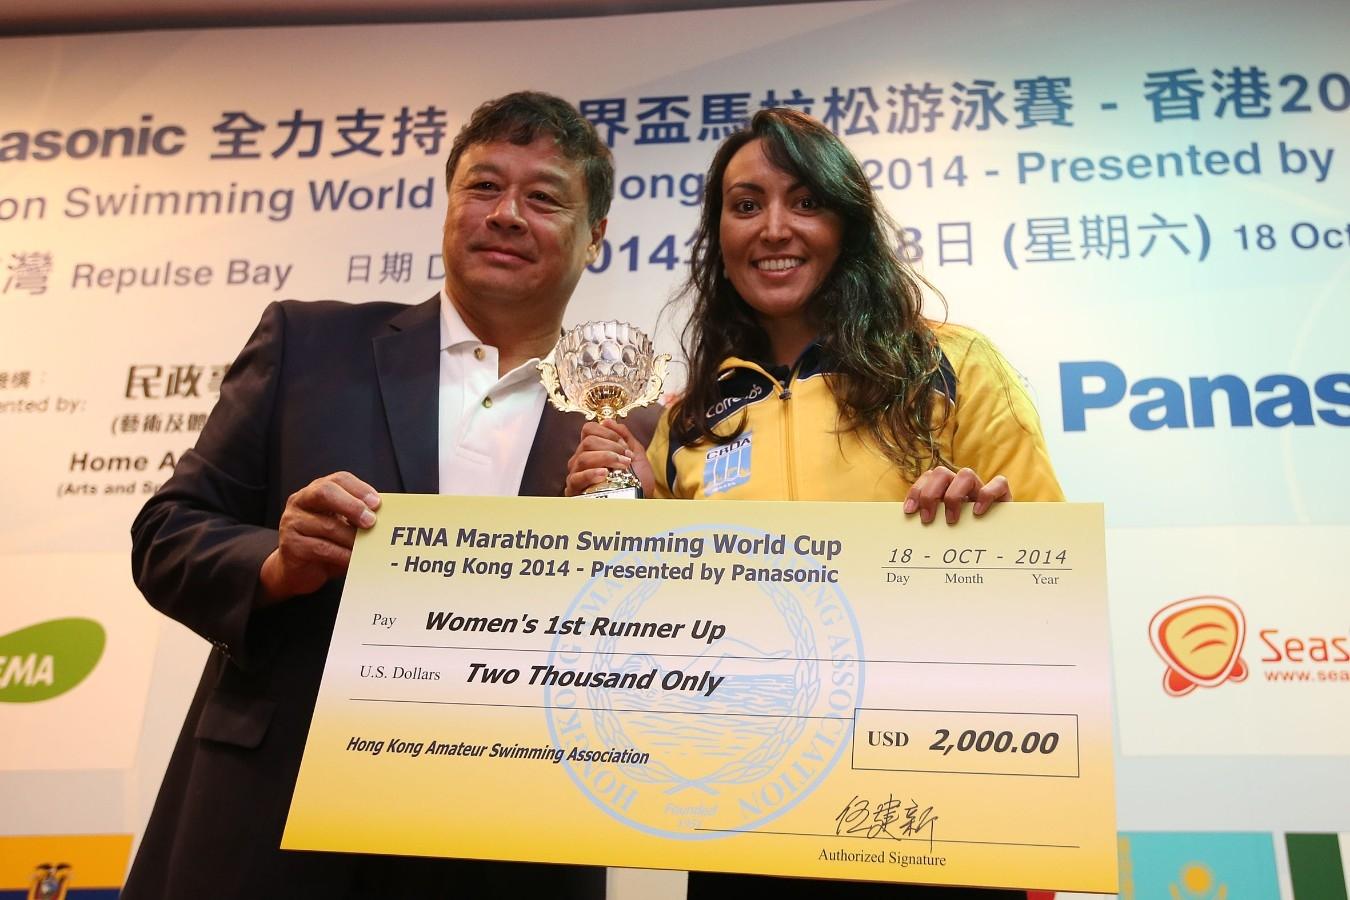 Poliana Okimoto. Copa do Mundo de Maratonas Aquaticas, etapa Travessia de Hong Kong na Repulse Bay. 18 de Outubro de 2014, Hong Kong. Foto: Satiro Sodre/SSPress.